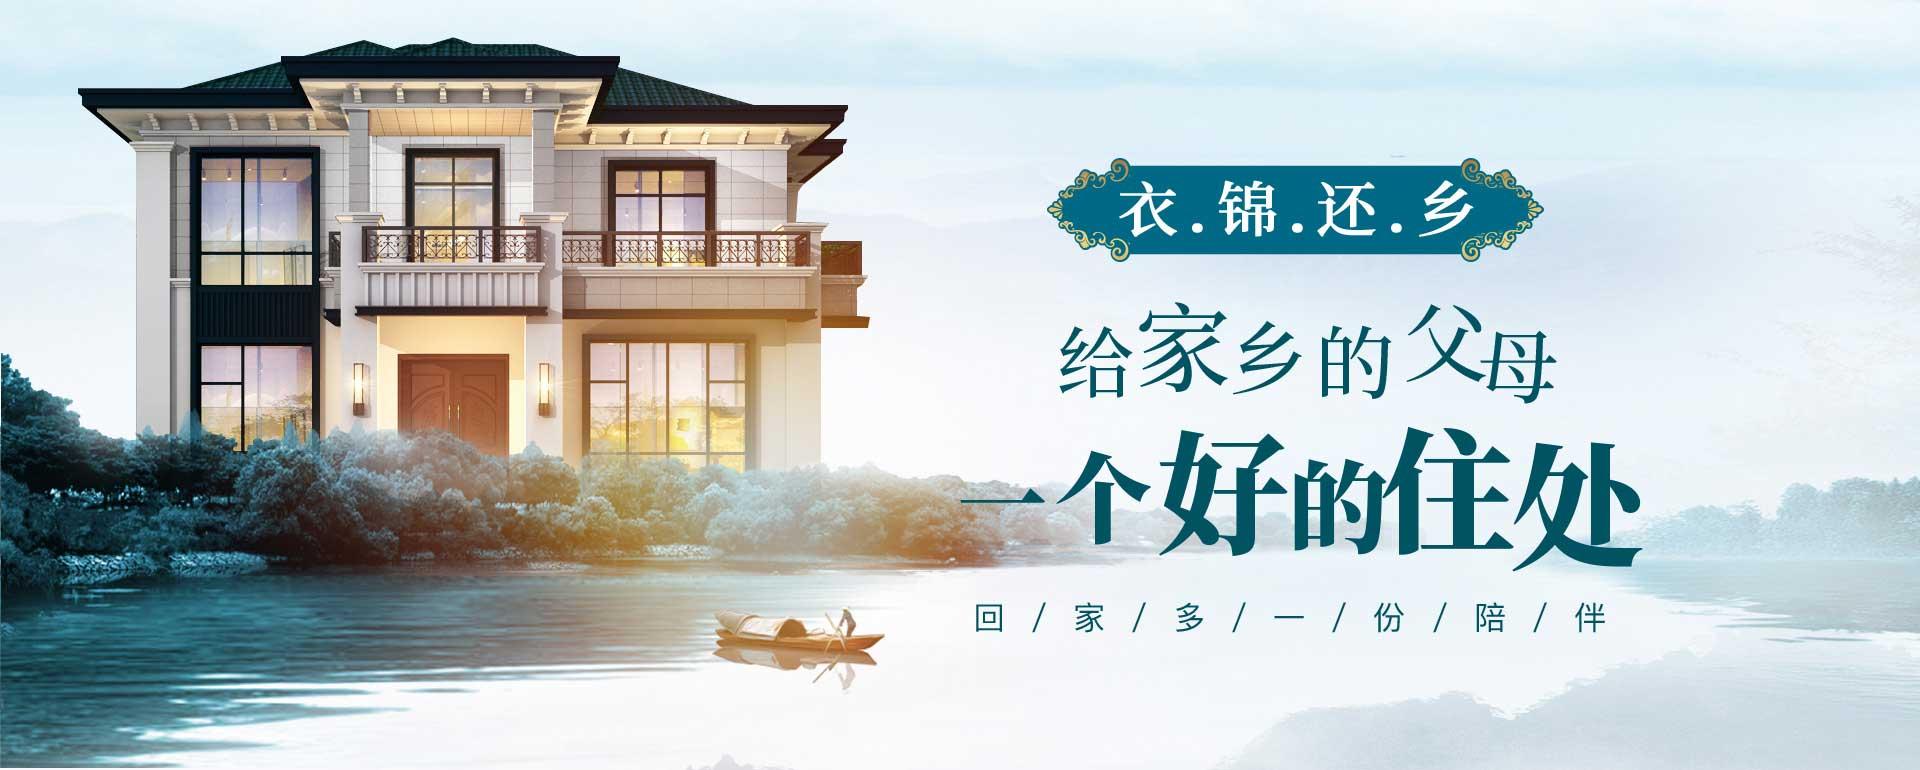 中式自建别墅